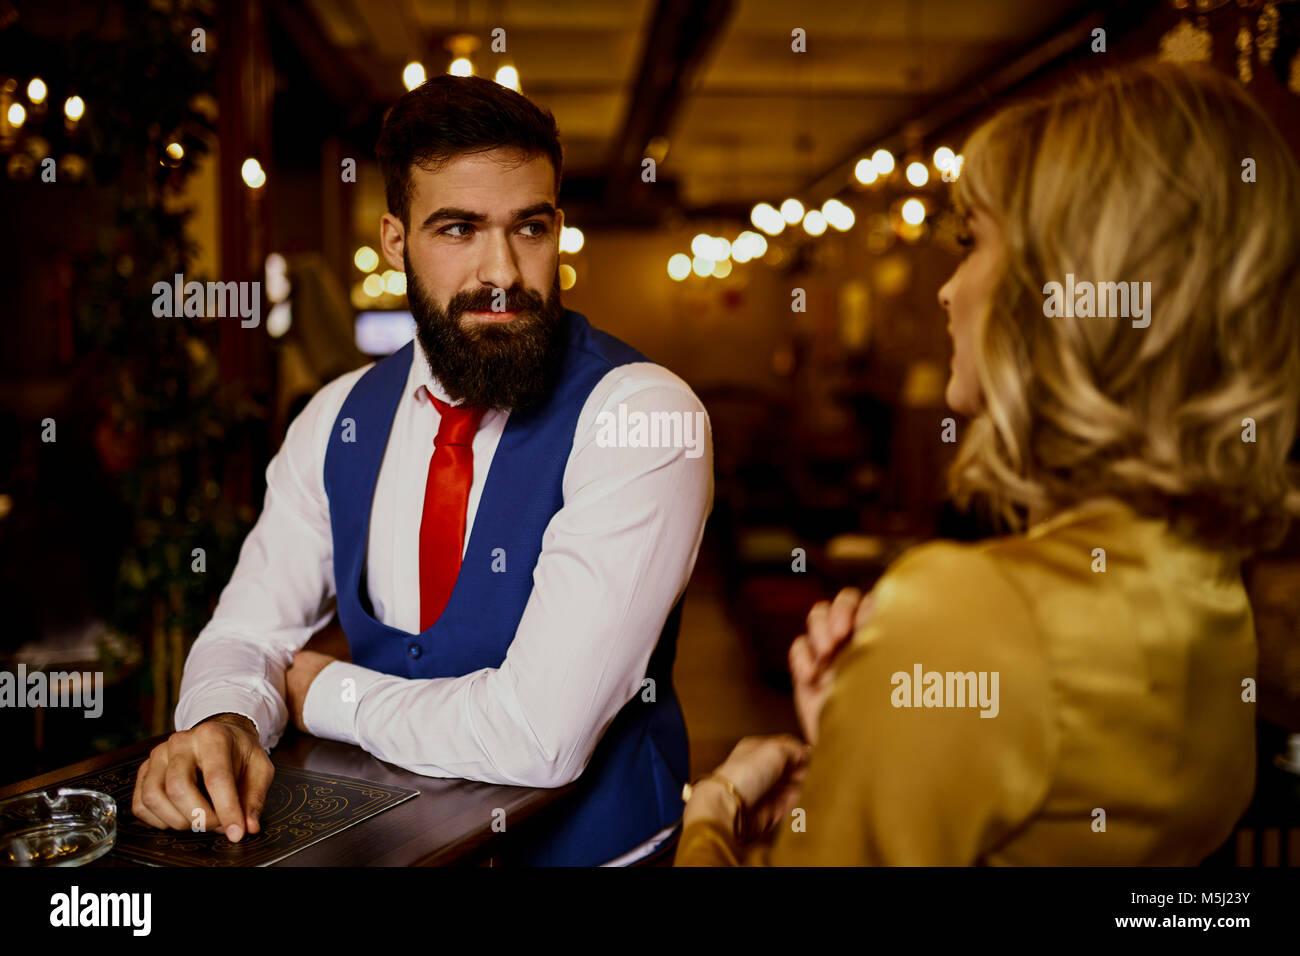 Jeune homme à la mode à la recherche de femme dans un bar Photo Stock